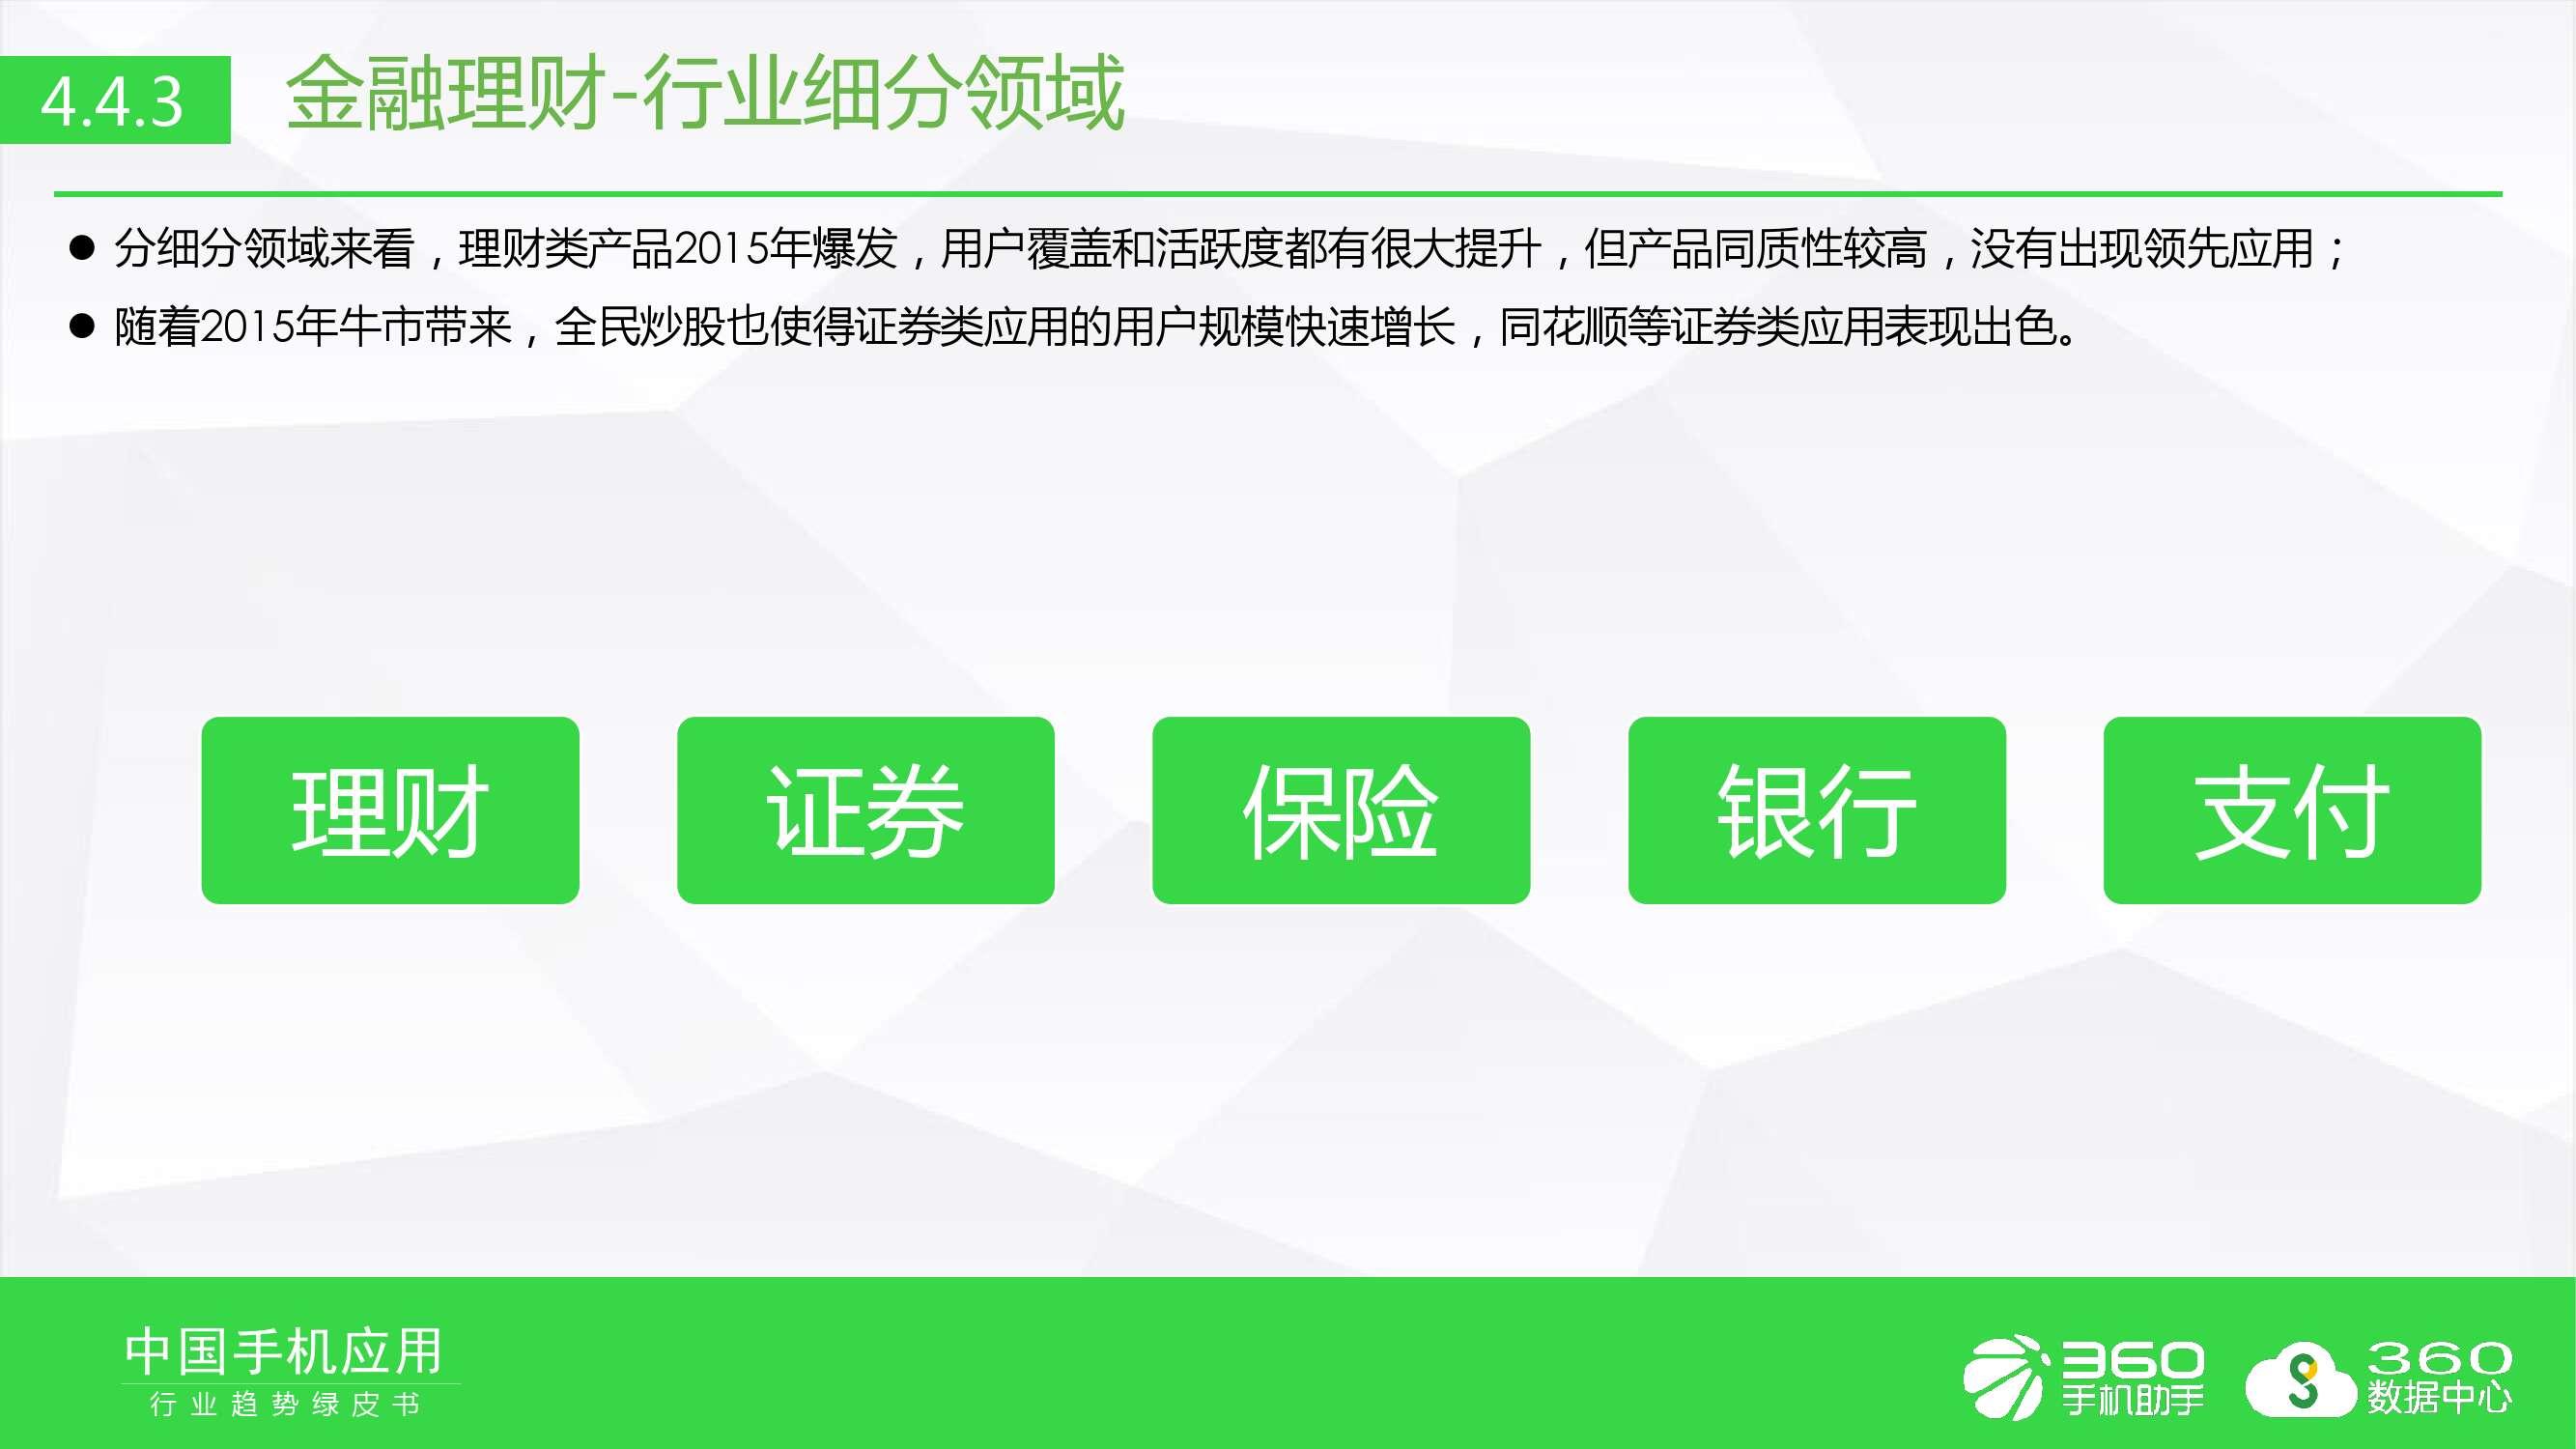 2016年手机软件行业趋势绿皮书_000053